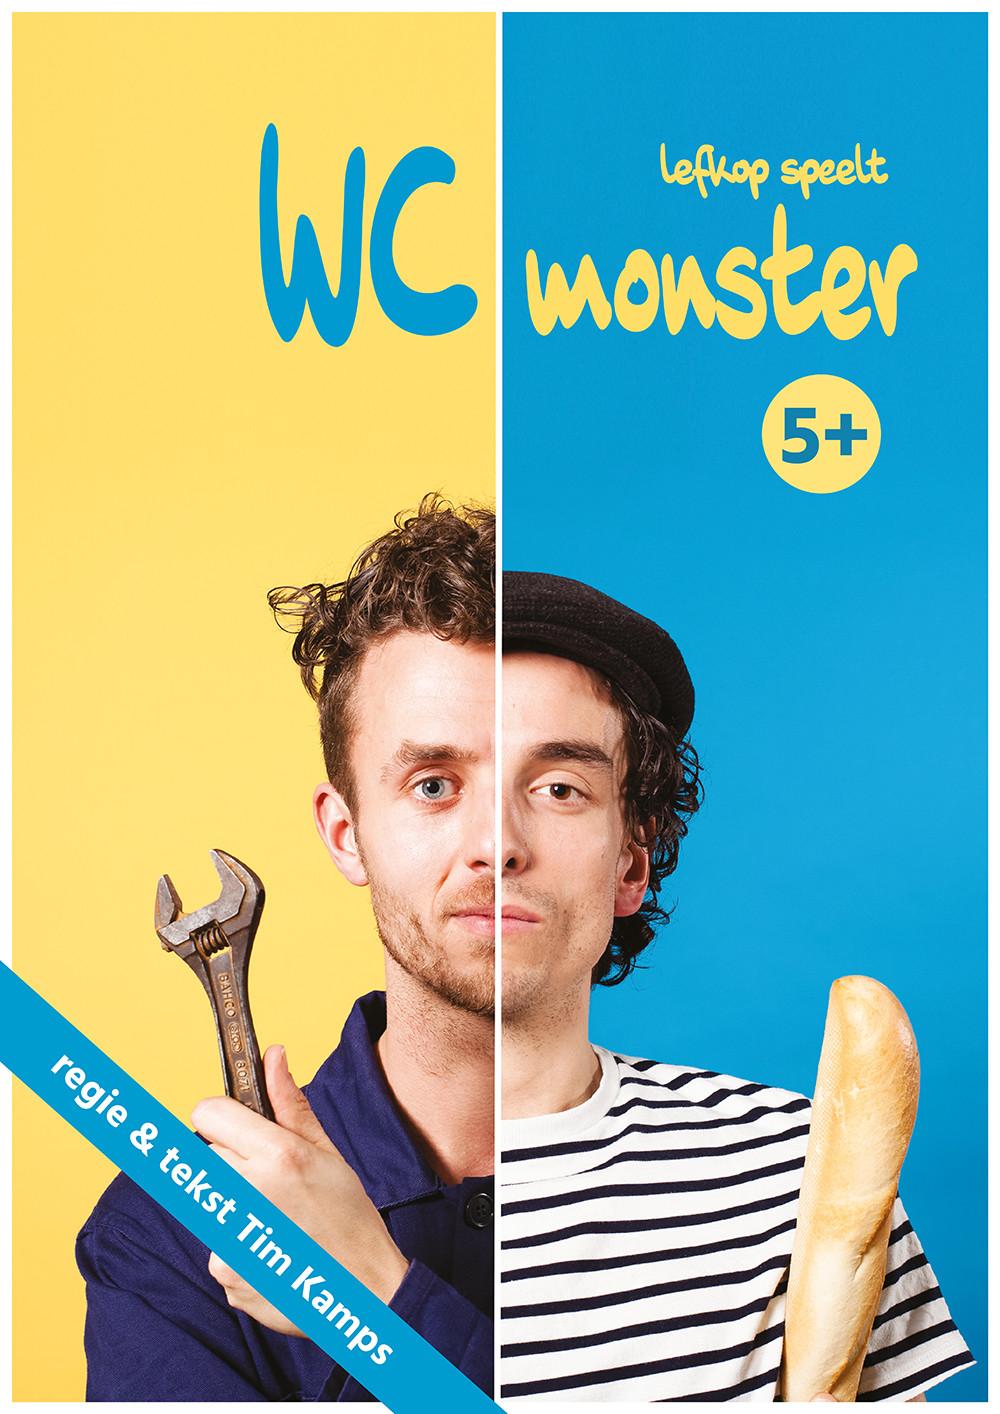 Lefkop-WC-Monster-Posterbeeld (2)